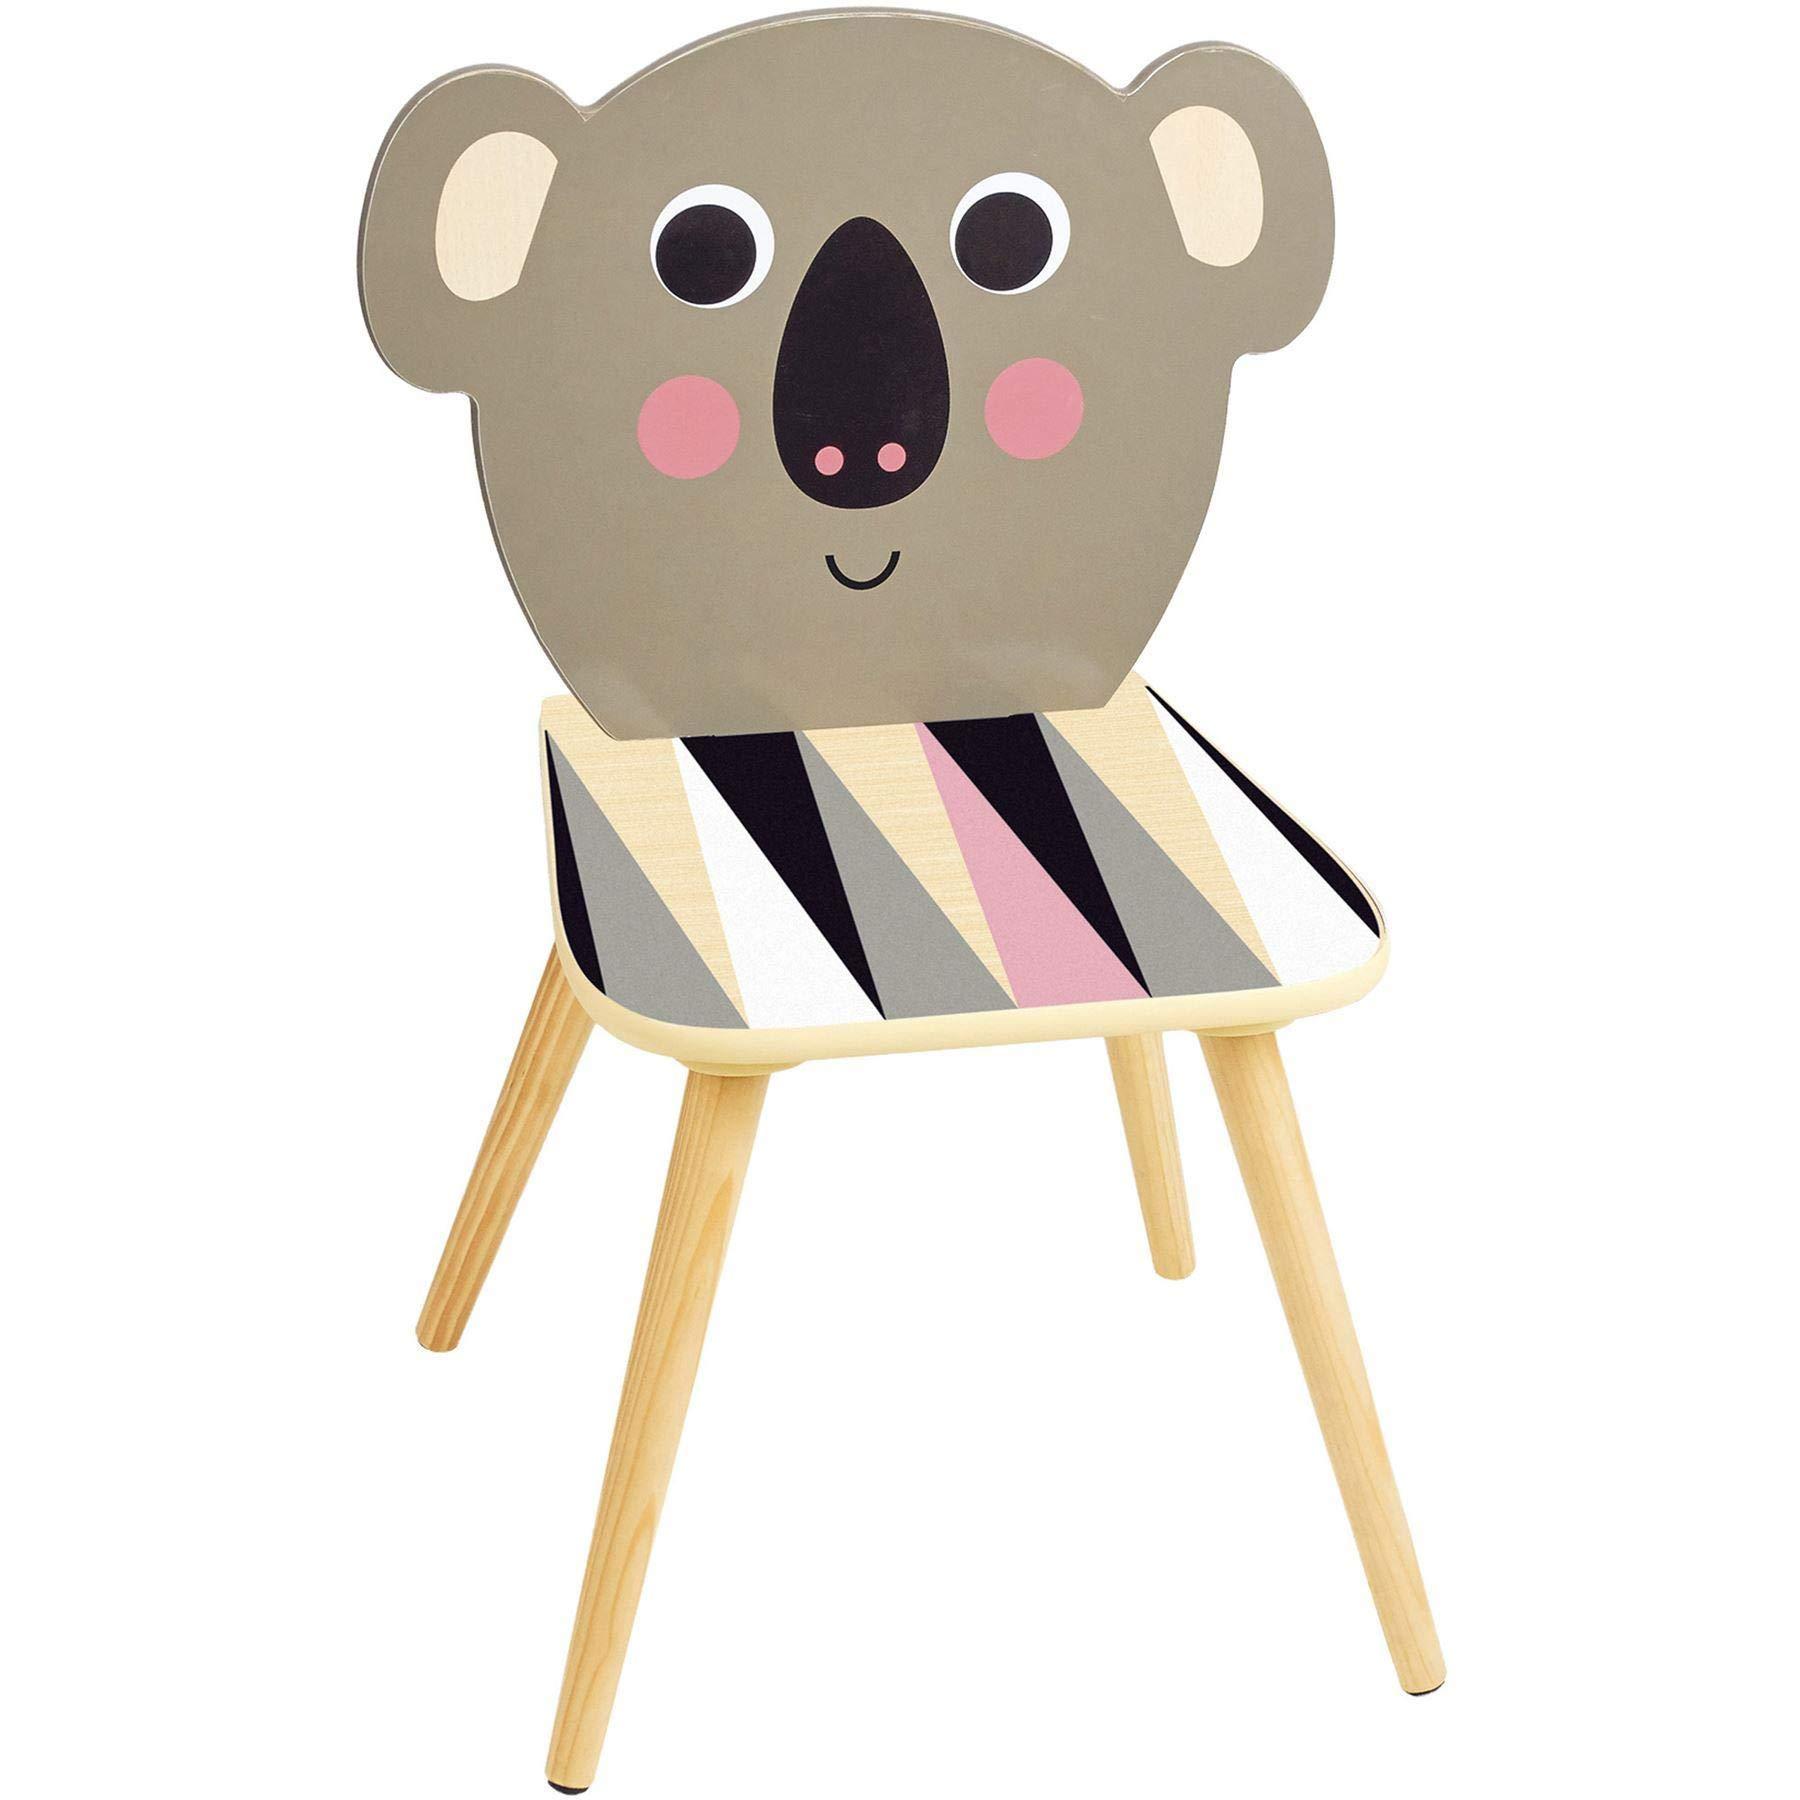 Vilac Vilac7744 Koala Chair